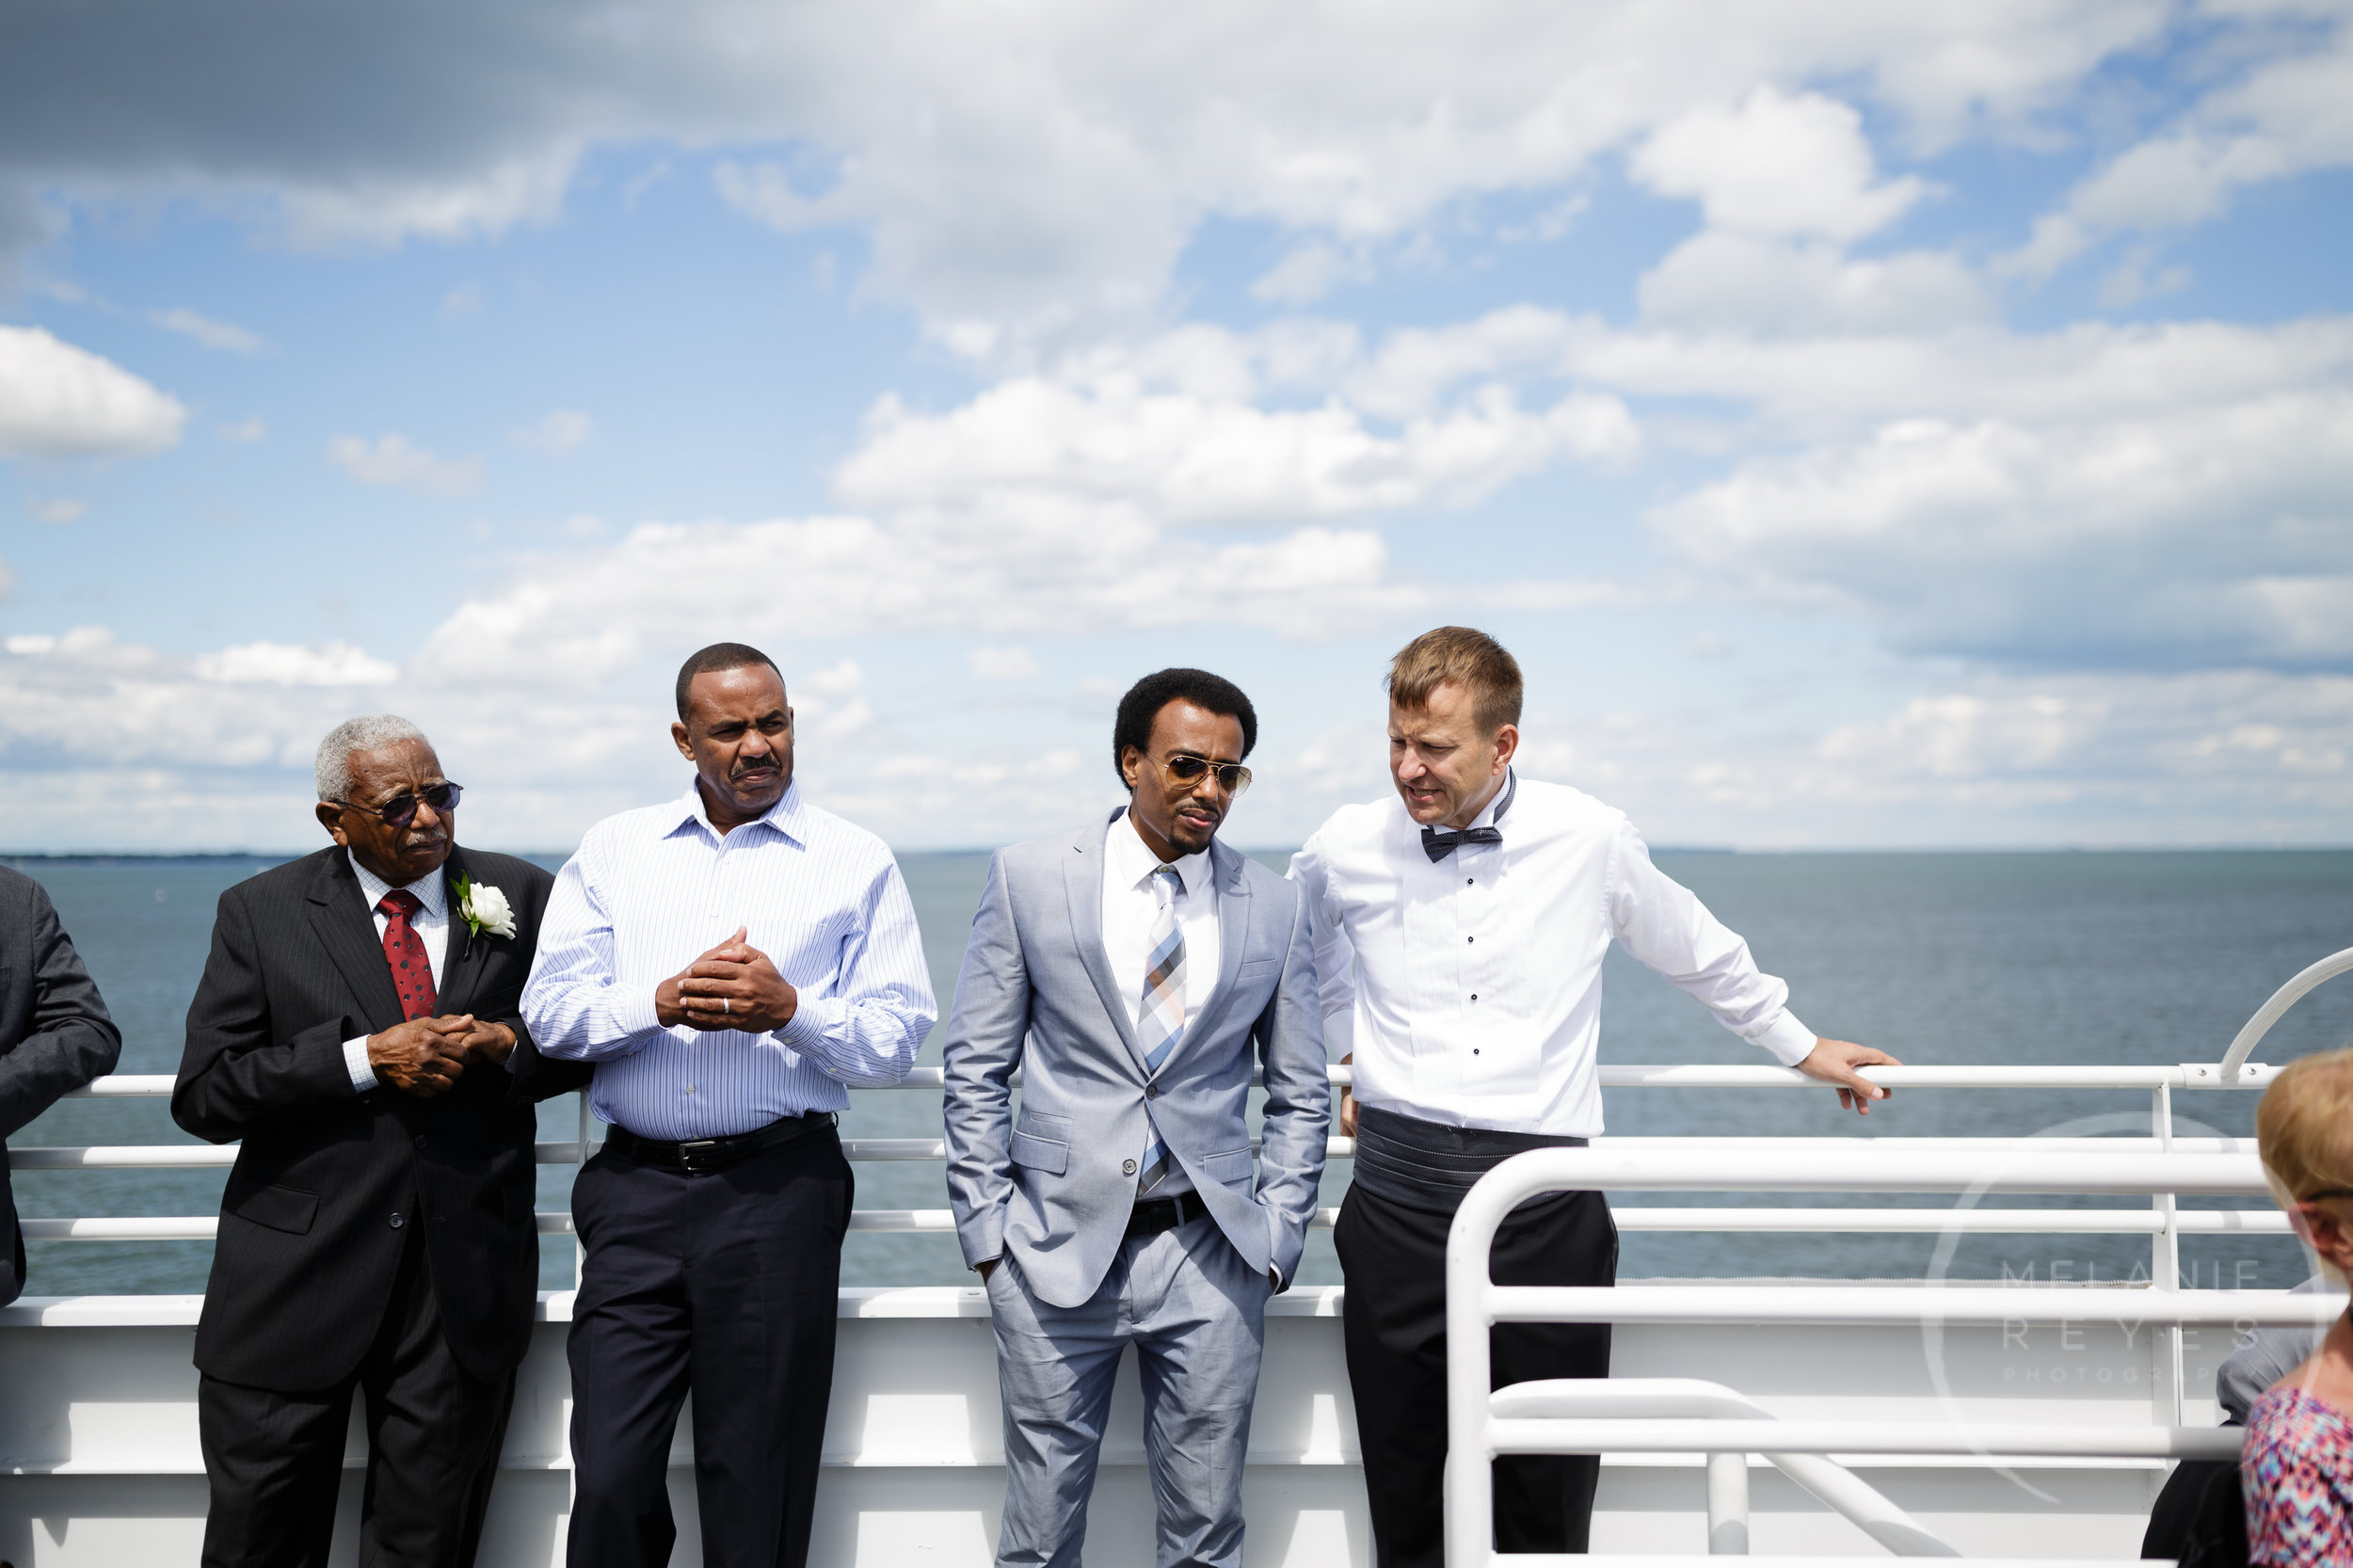 infinity_ovation_yacht_wedding_detroit_melaniereyes58.jpg